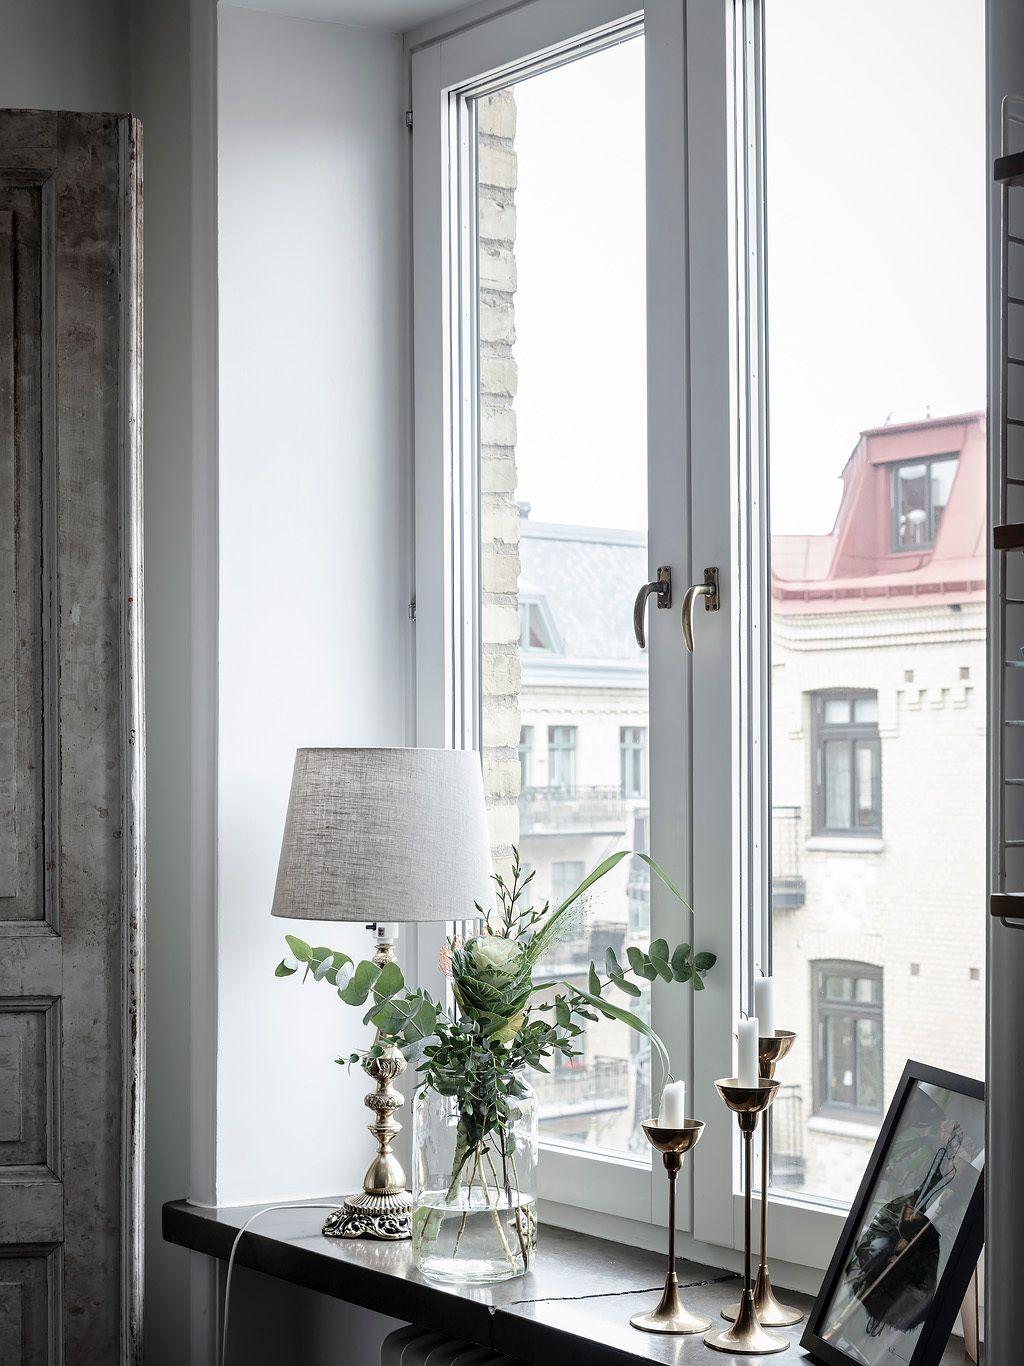 Full Size of Fensterbank Hbsch Dekorieren Mit Bildern Fenster Wohnzimmer Fensterbank Dekorieren